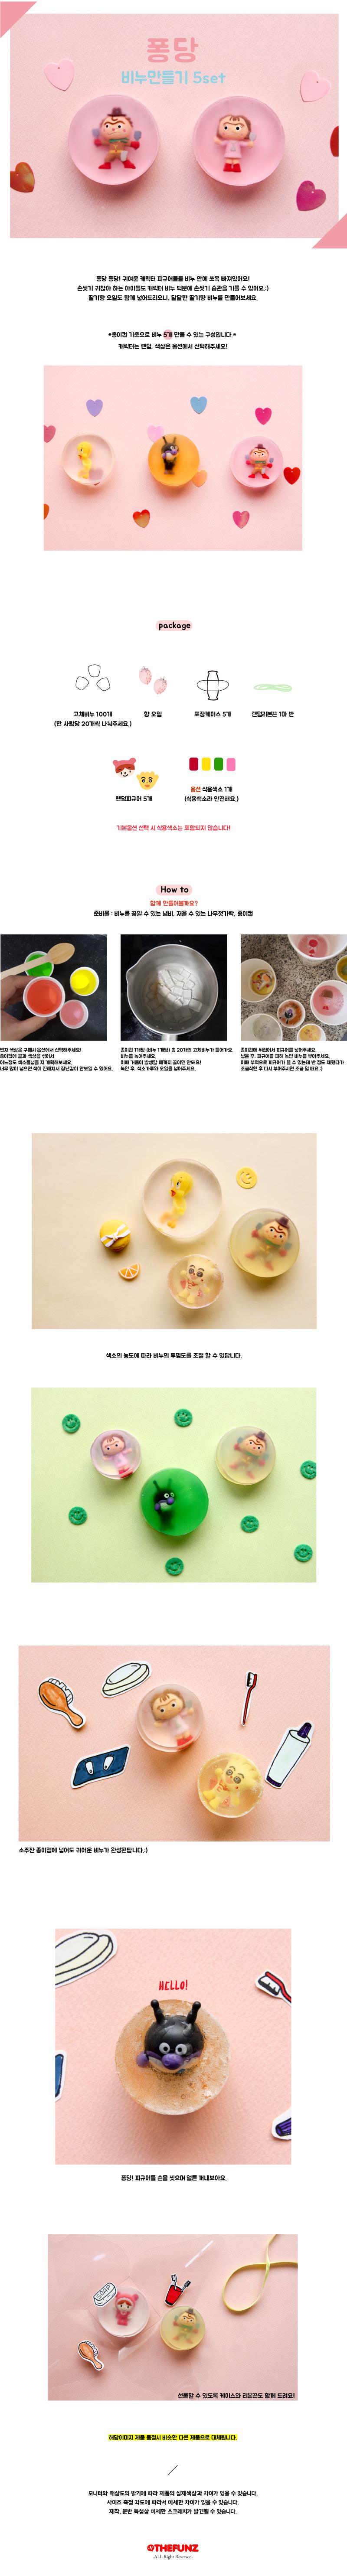 퐁당비누만들기 5set - 더펀즈, 16,000원, 비누공예, 비누공예패키지